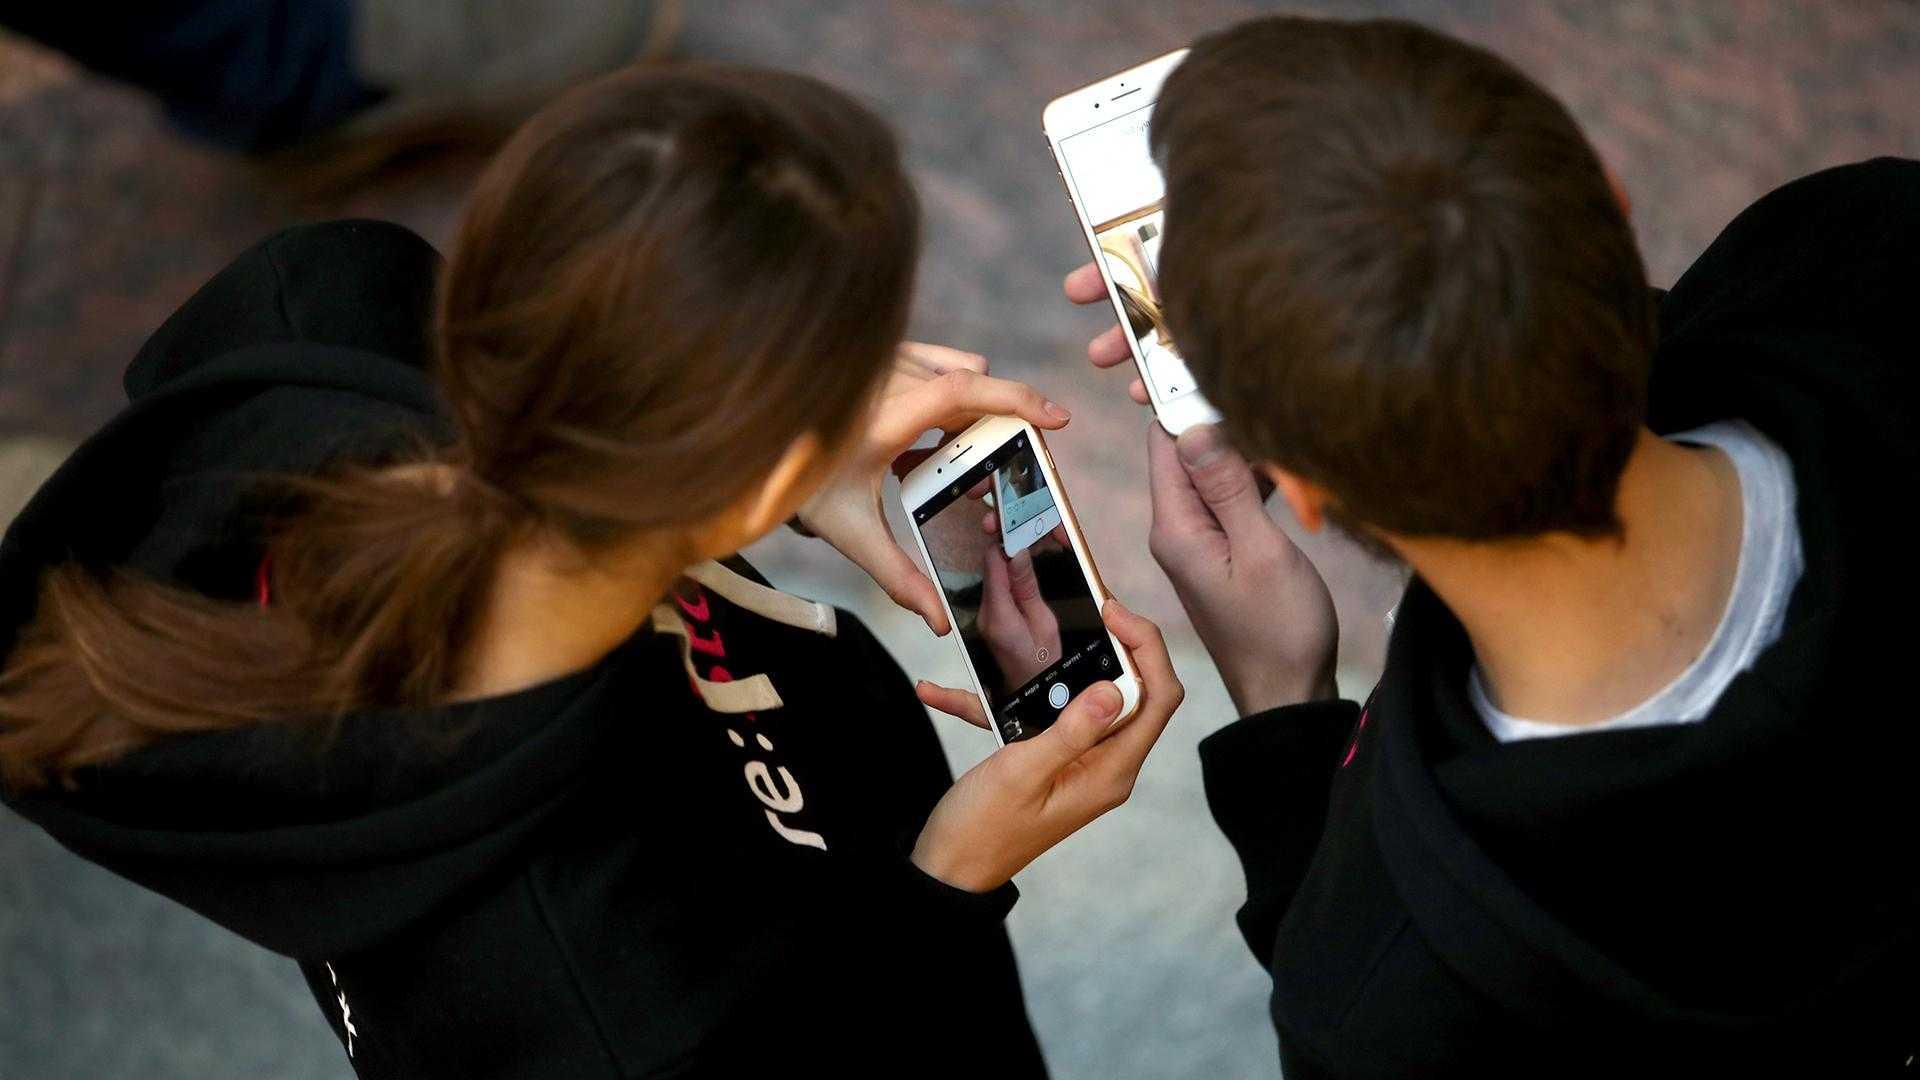 Новые смартфоны компании Huawei включая P30 и P30 Pro после старта побили рекорды продаж В Украине например первая партия была распродана за 10 секунд За